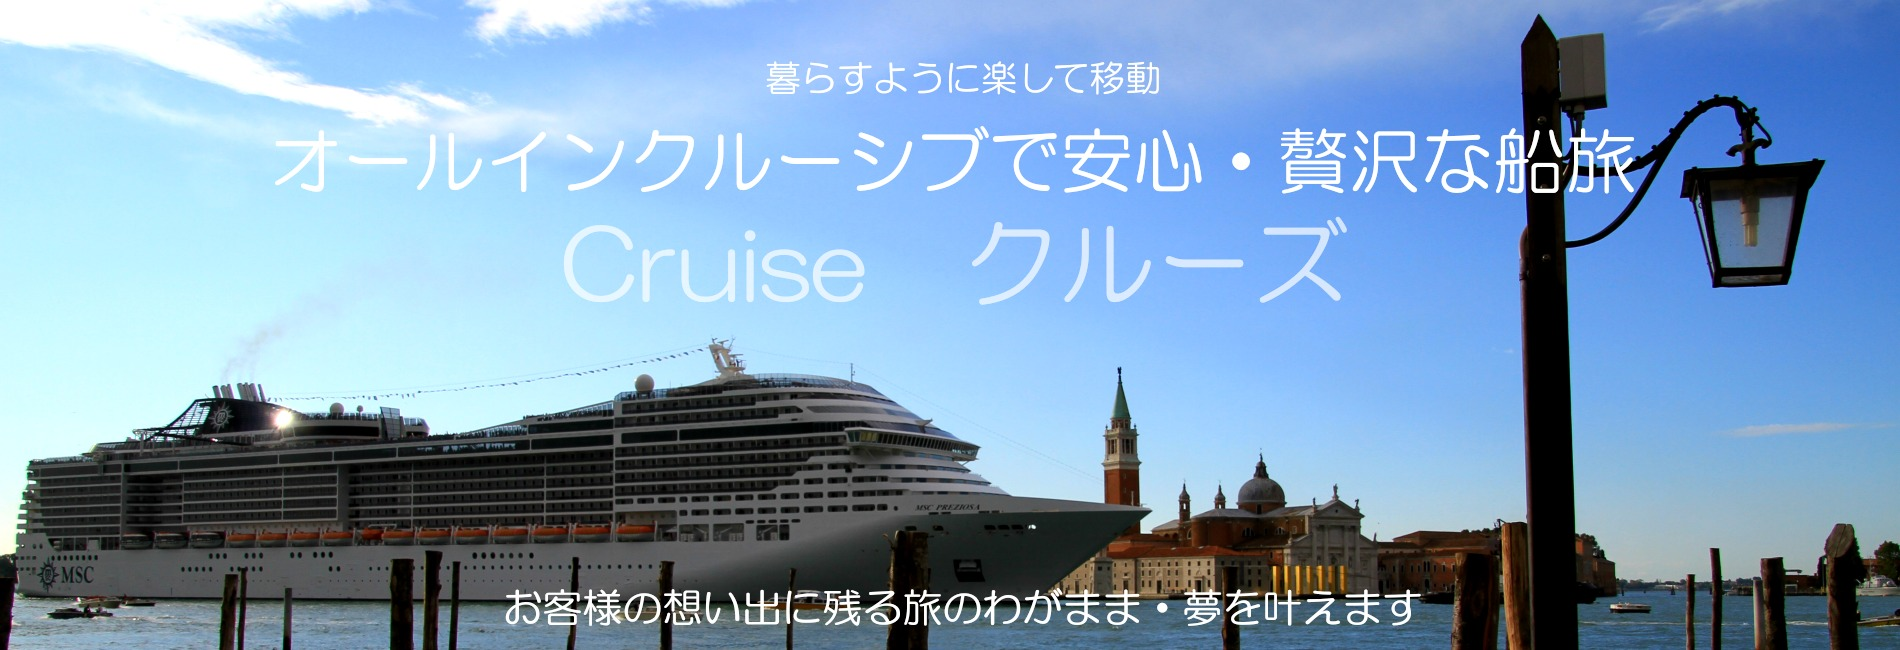 オーダーメイド旅行で行く豪華客船クルーズ・船旅・cruise費用・見積もり・予算を徹底解説